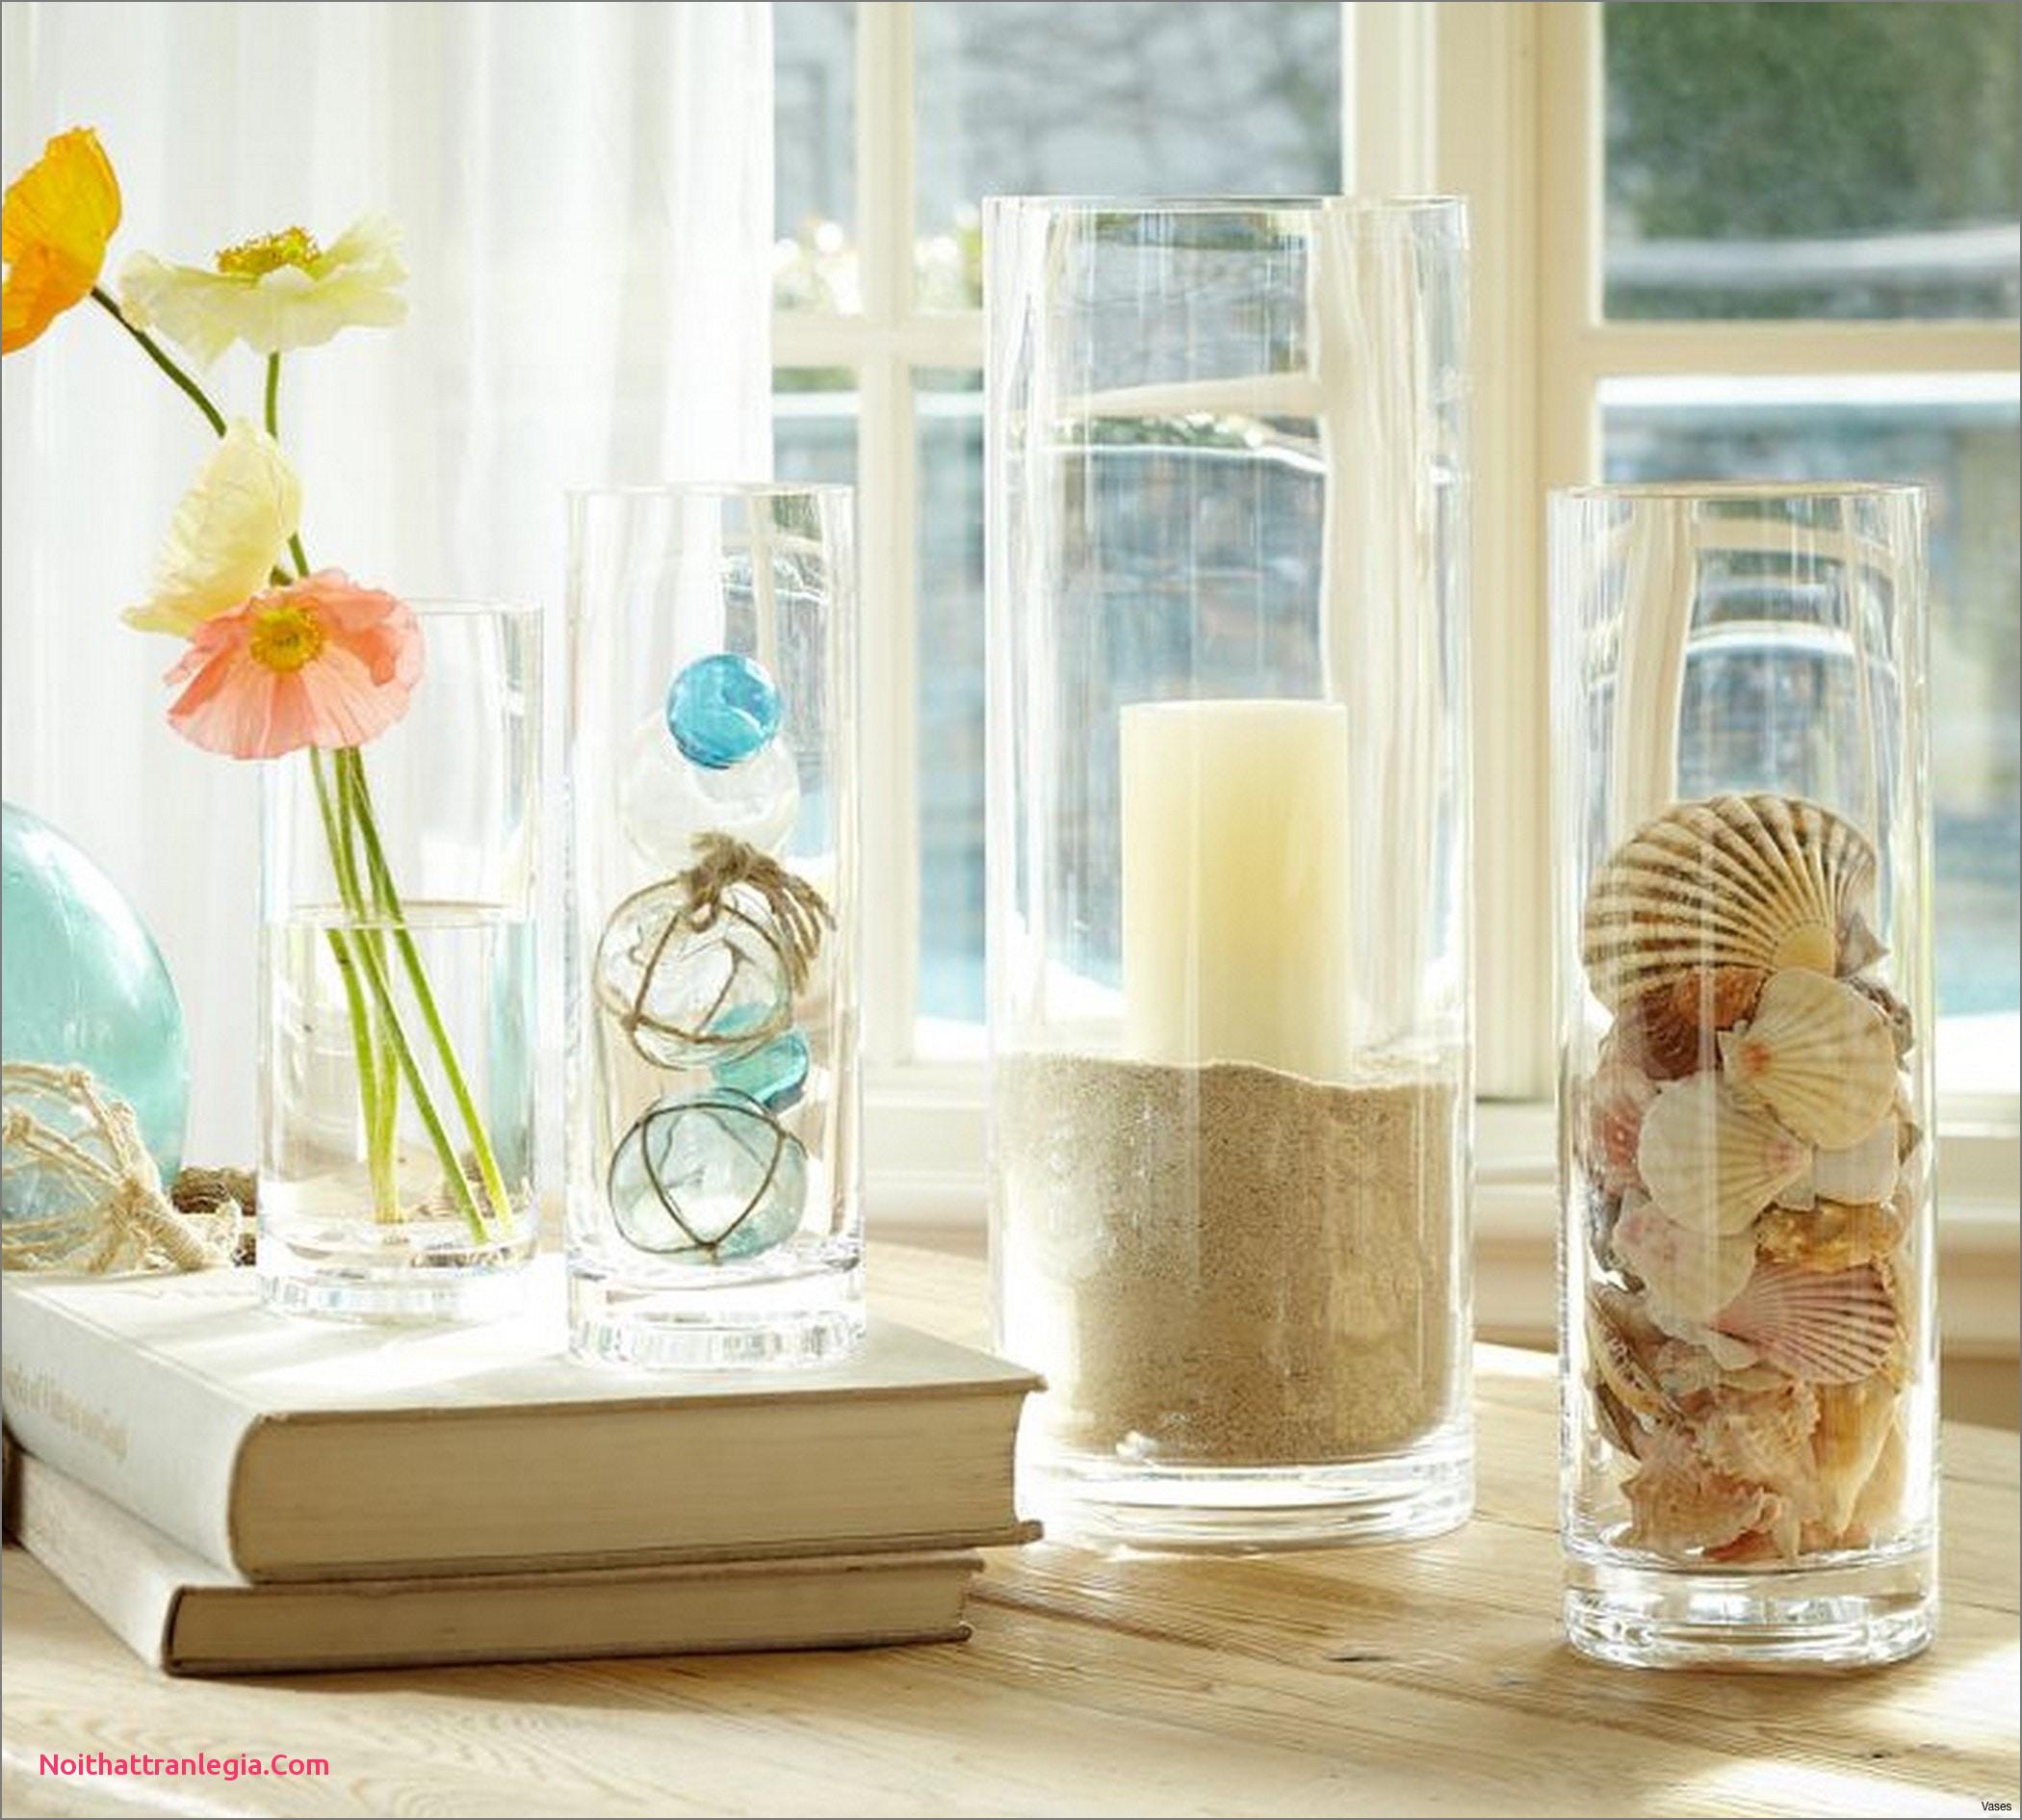 clear glass vase square of 20 how to make mercury glass vases noithattranlegia vases design within glass vase fillers vase filler ideas 5h vases summer 5i 0d inspiration vase